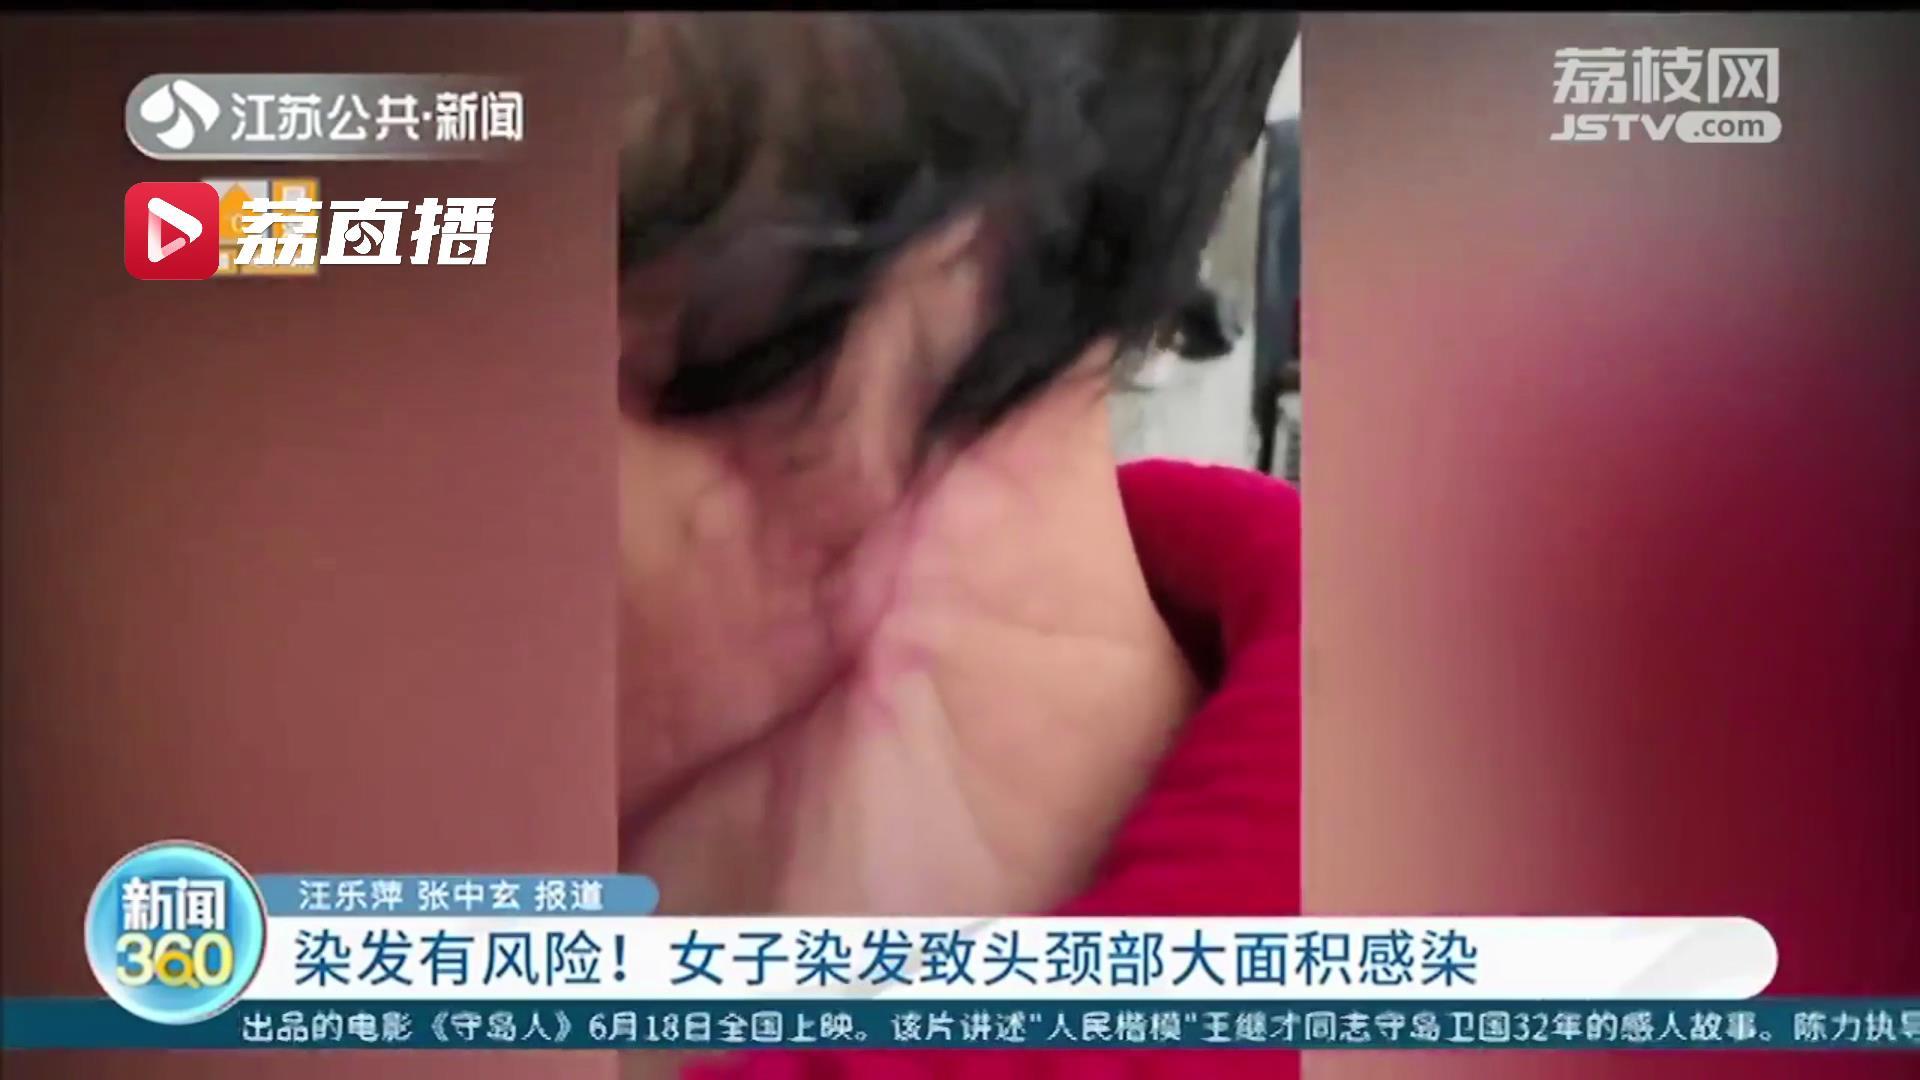 染发有风险!女子染发致头颈部大面积感染 医生建议使用产品前应局部试验